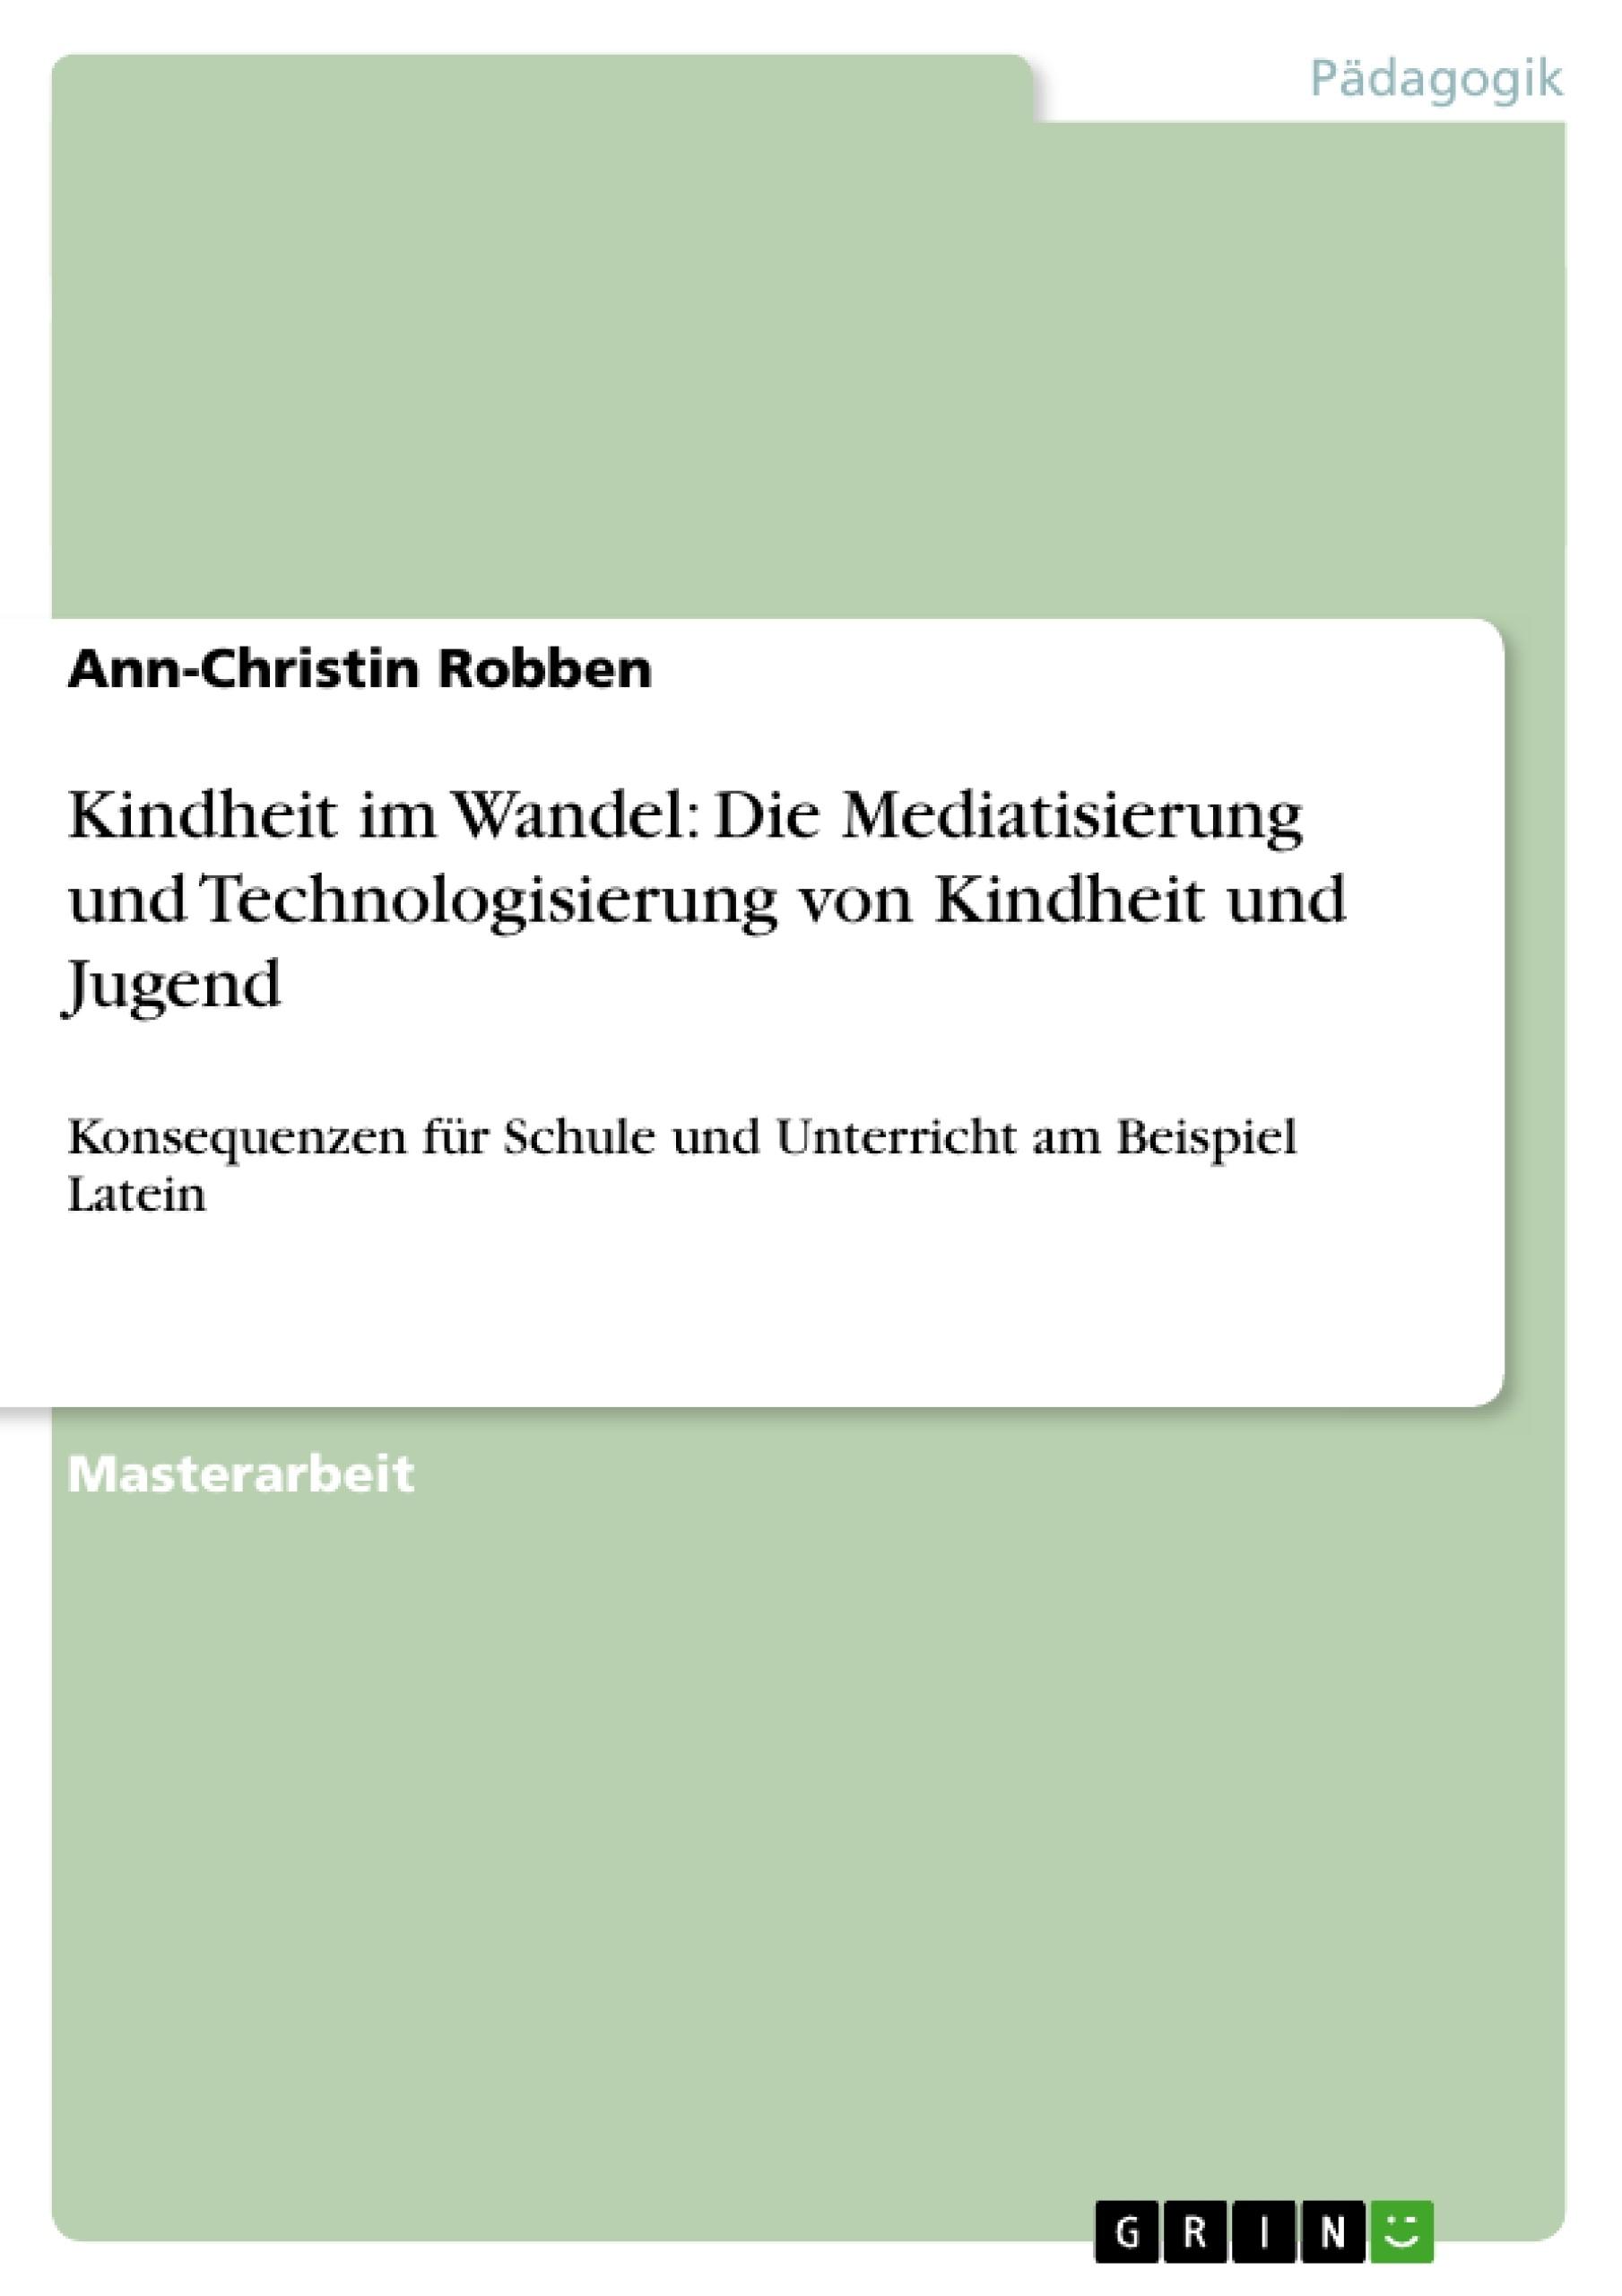 Titel: Kindheit im Wandel: Die Mediatisierung und Technologisierung von Kindheit und Jugend